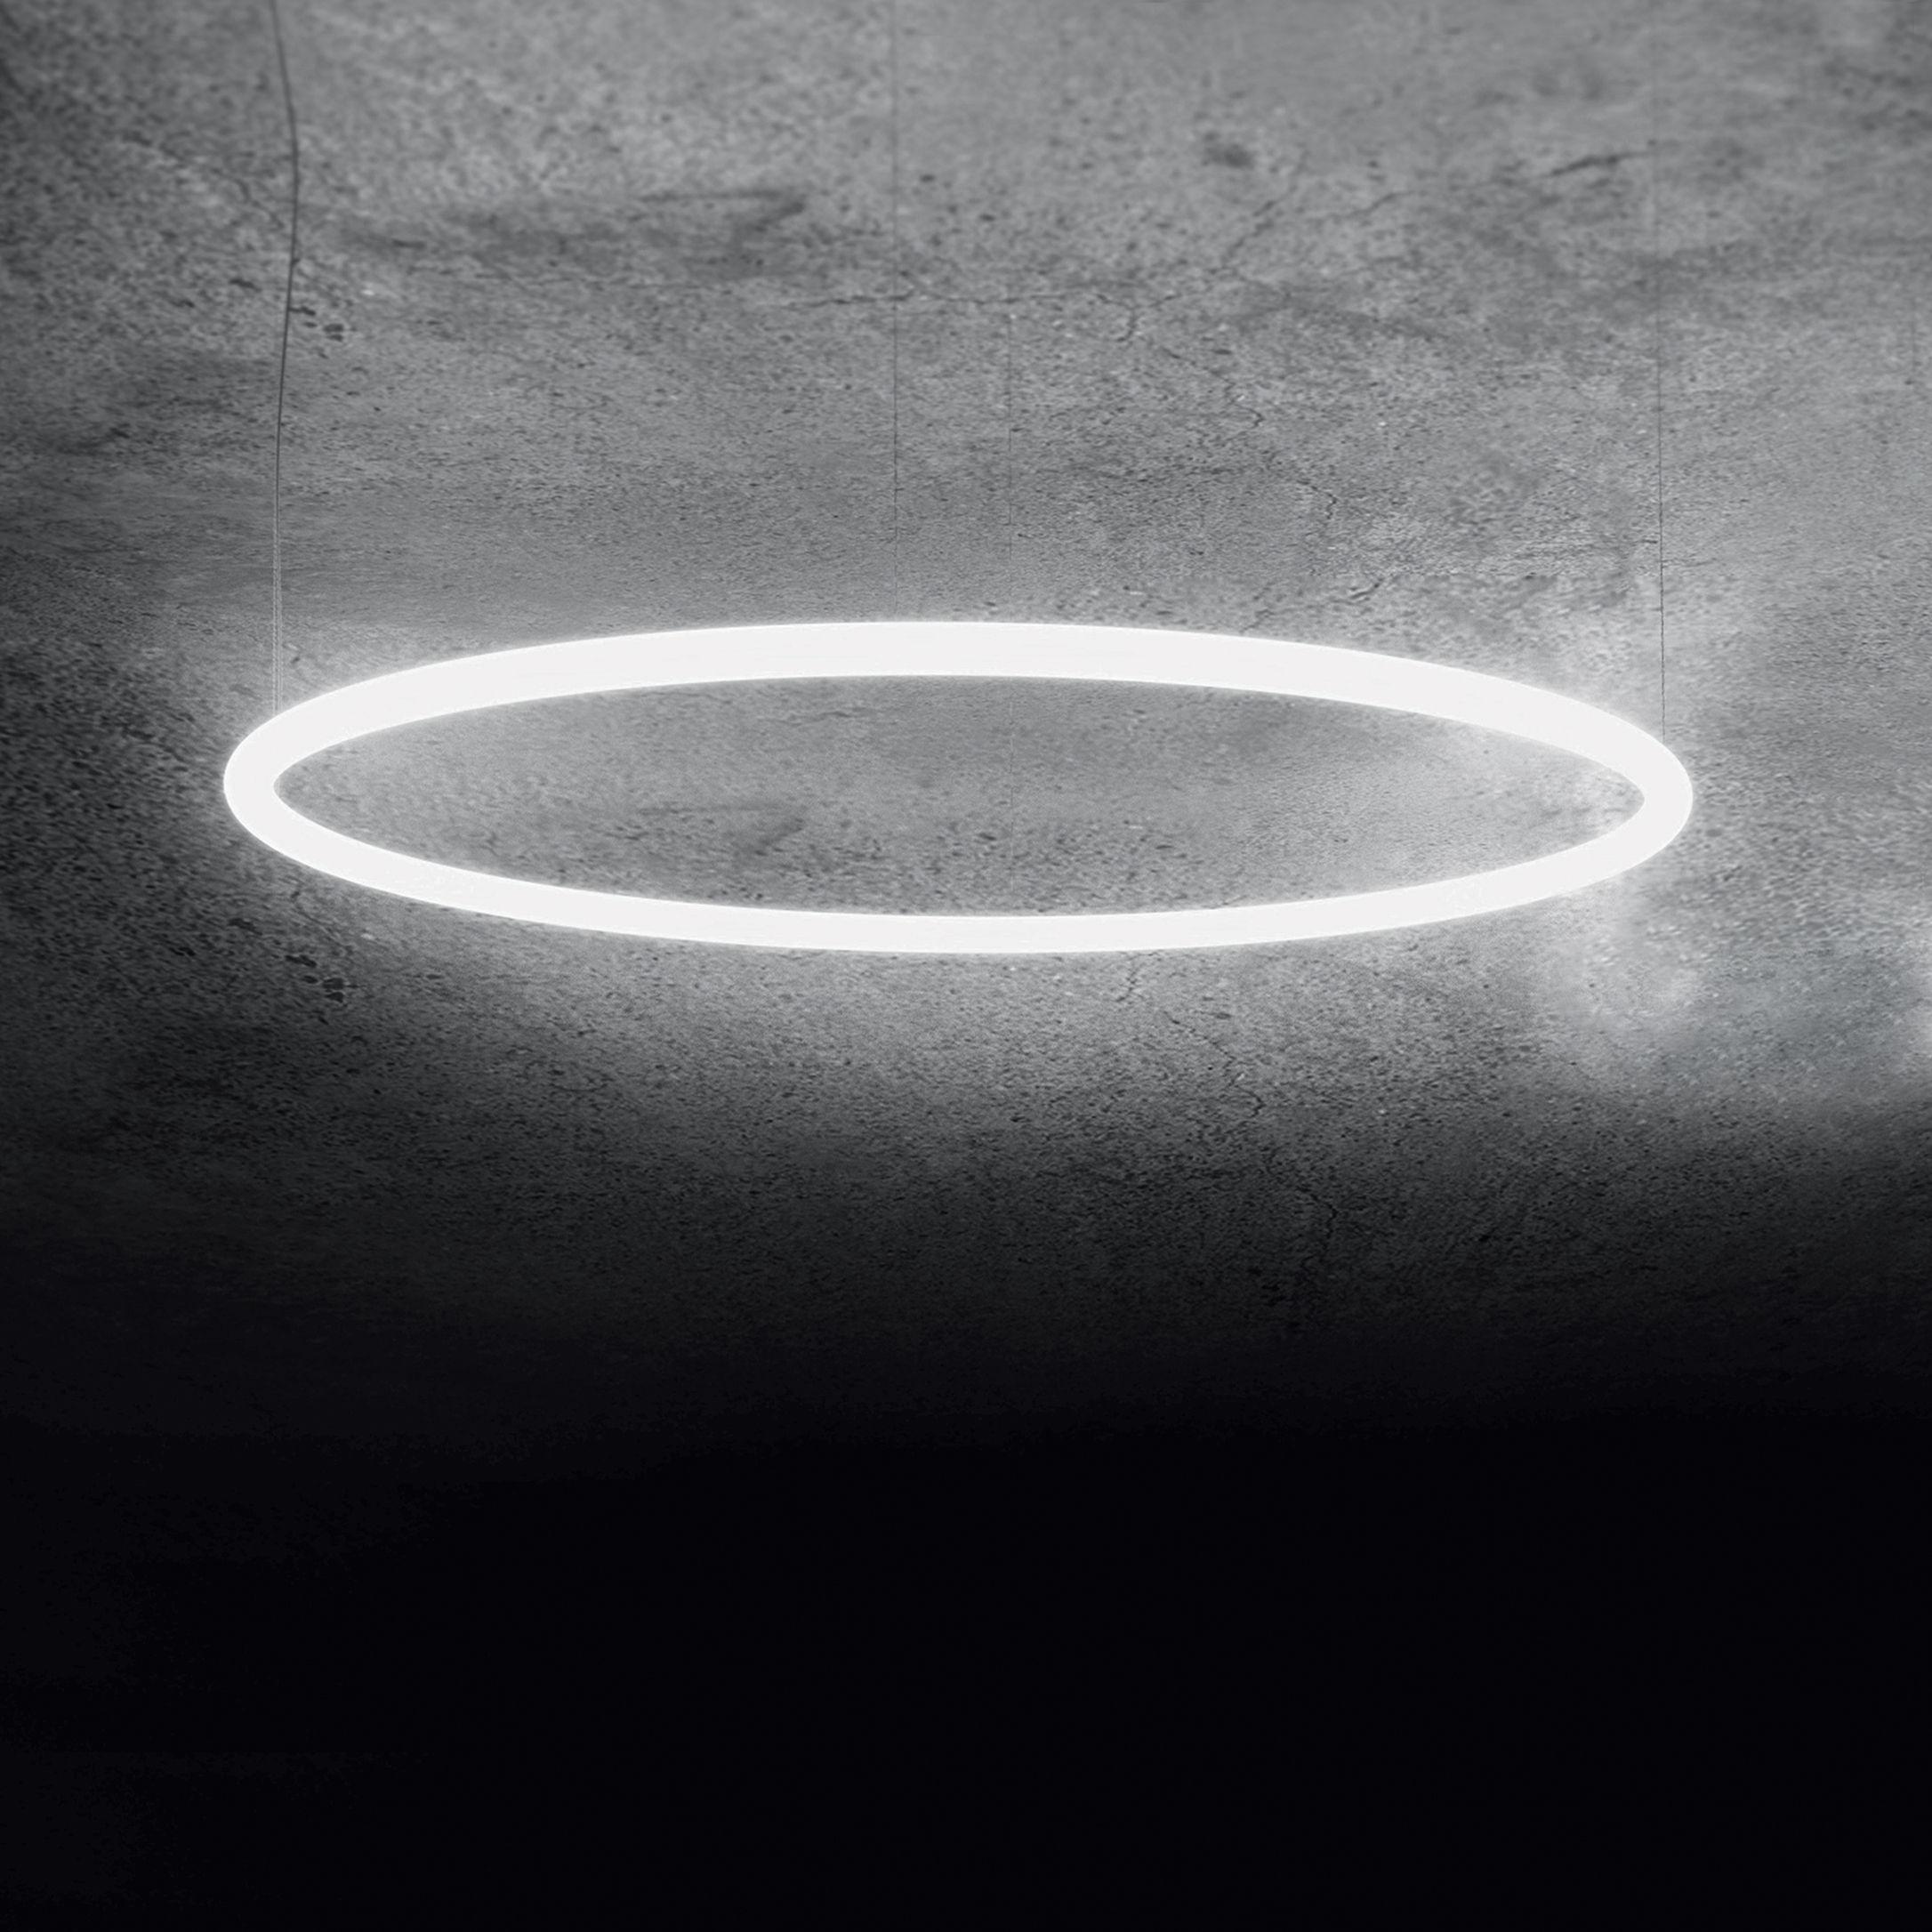 Illuminazione - Lampadari - Sospensione Alphabet of light Circular - / Bluetooth - Ø 90 cm di Artemide - Ø 90 cm / Bianco - Alluminio, Metacrilato